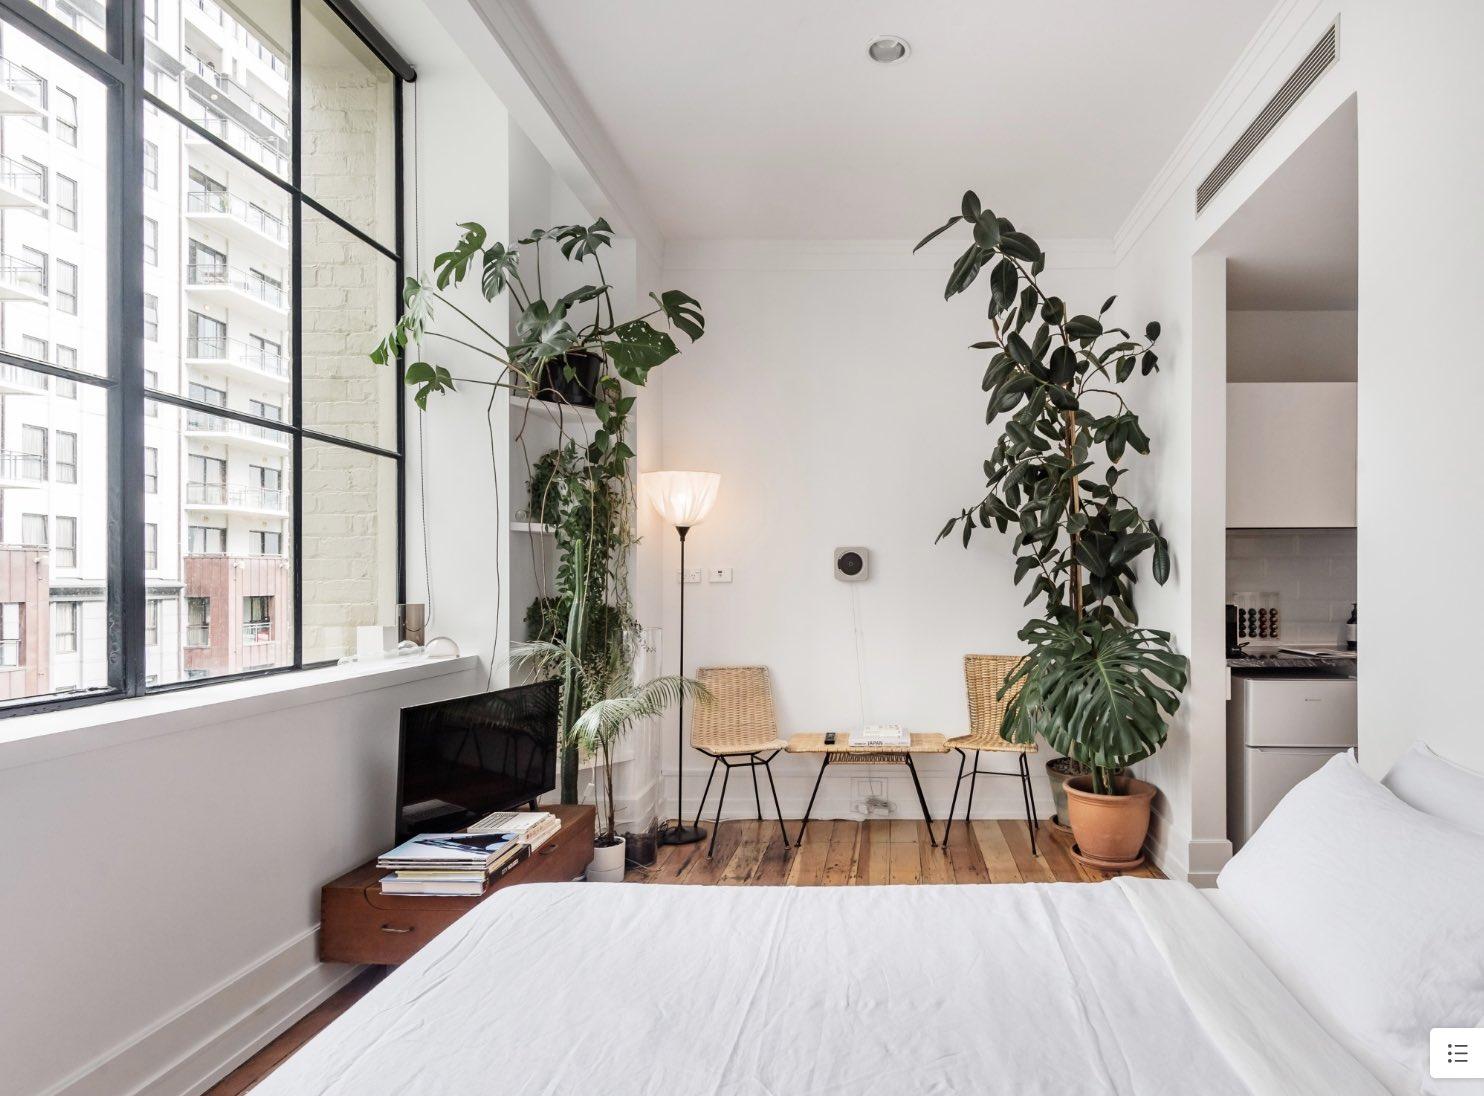 Studio Apartment - Auckland Airbnb